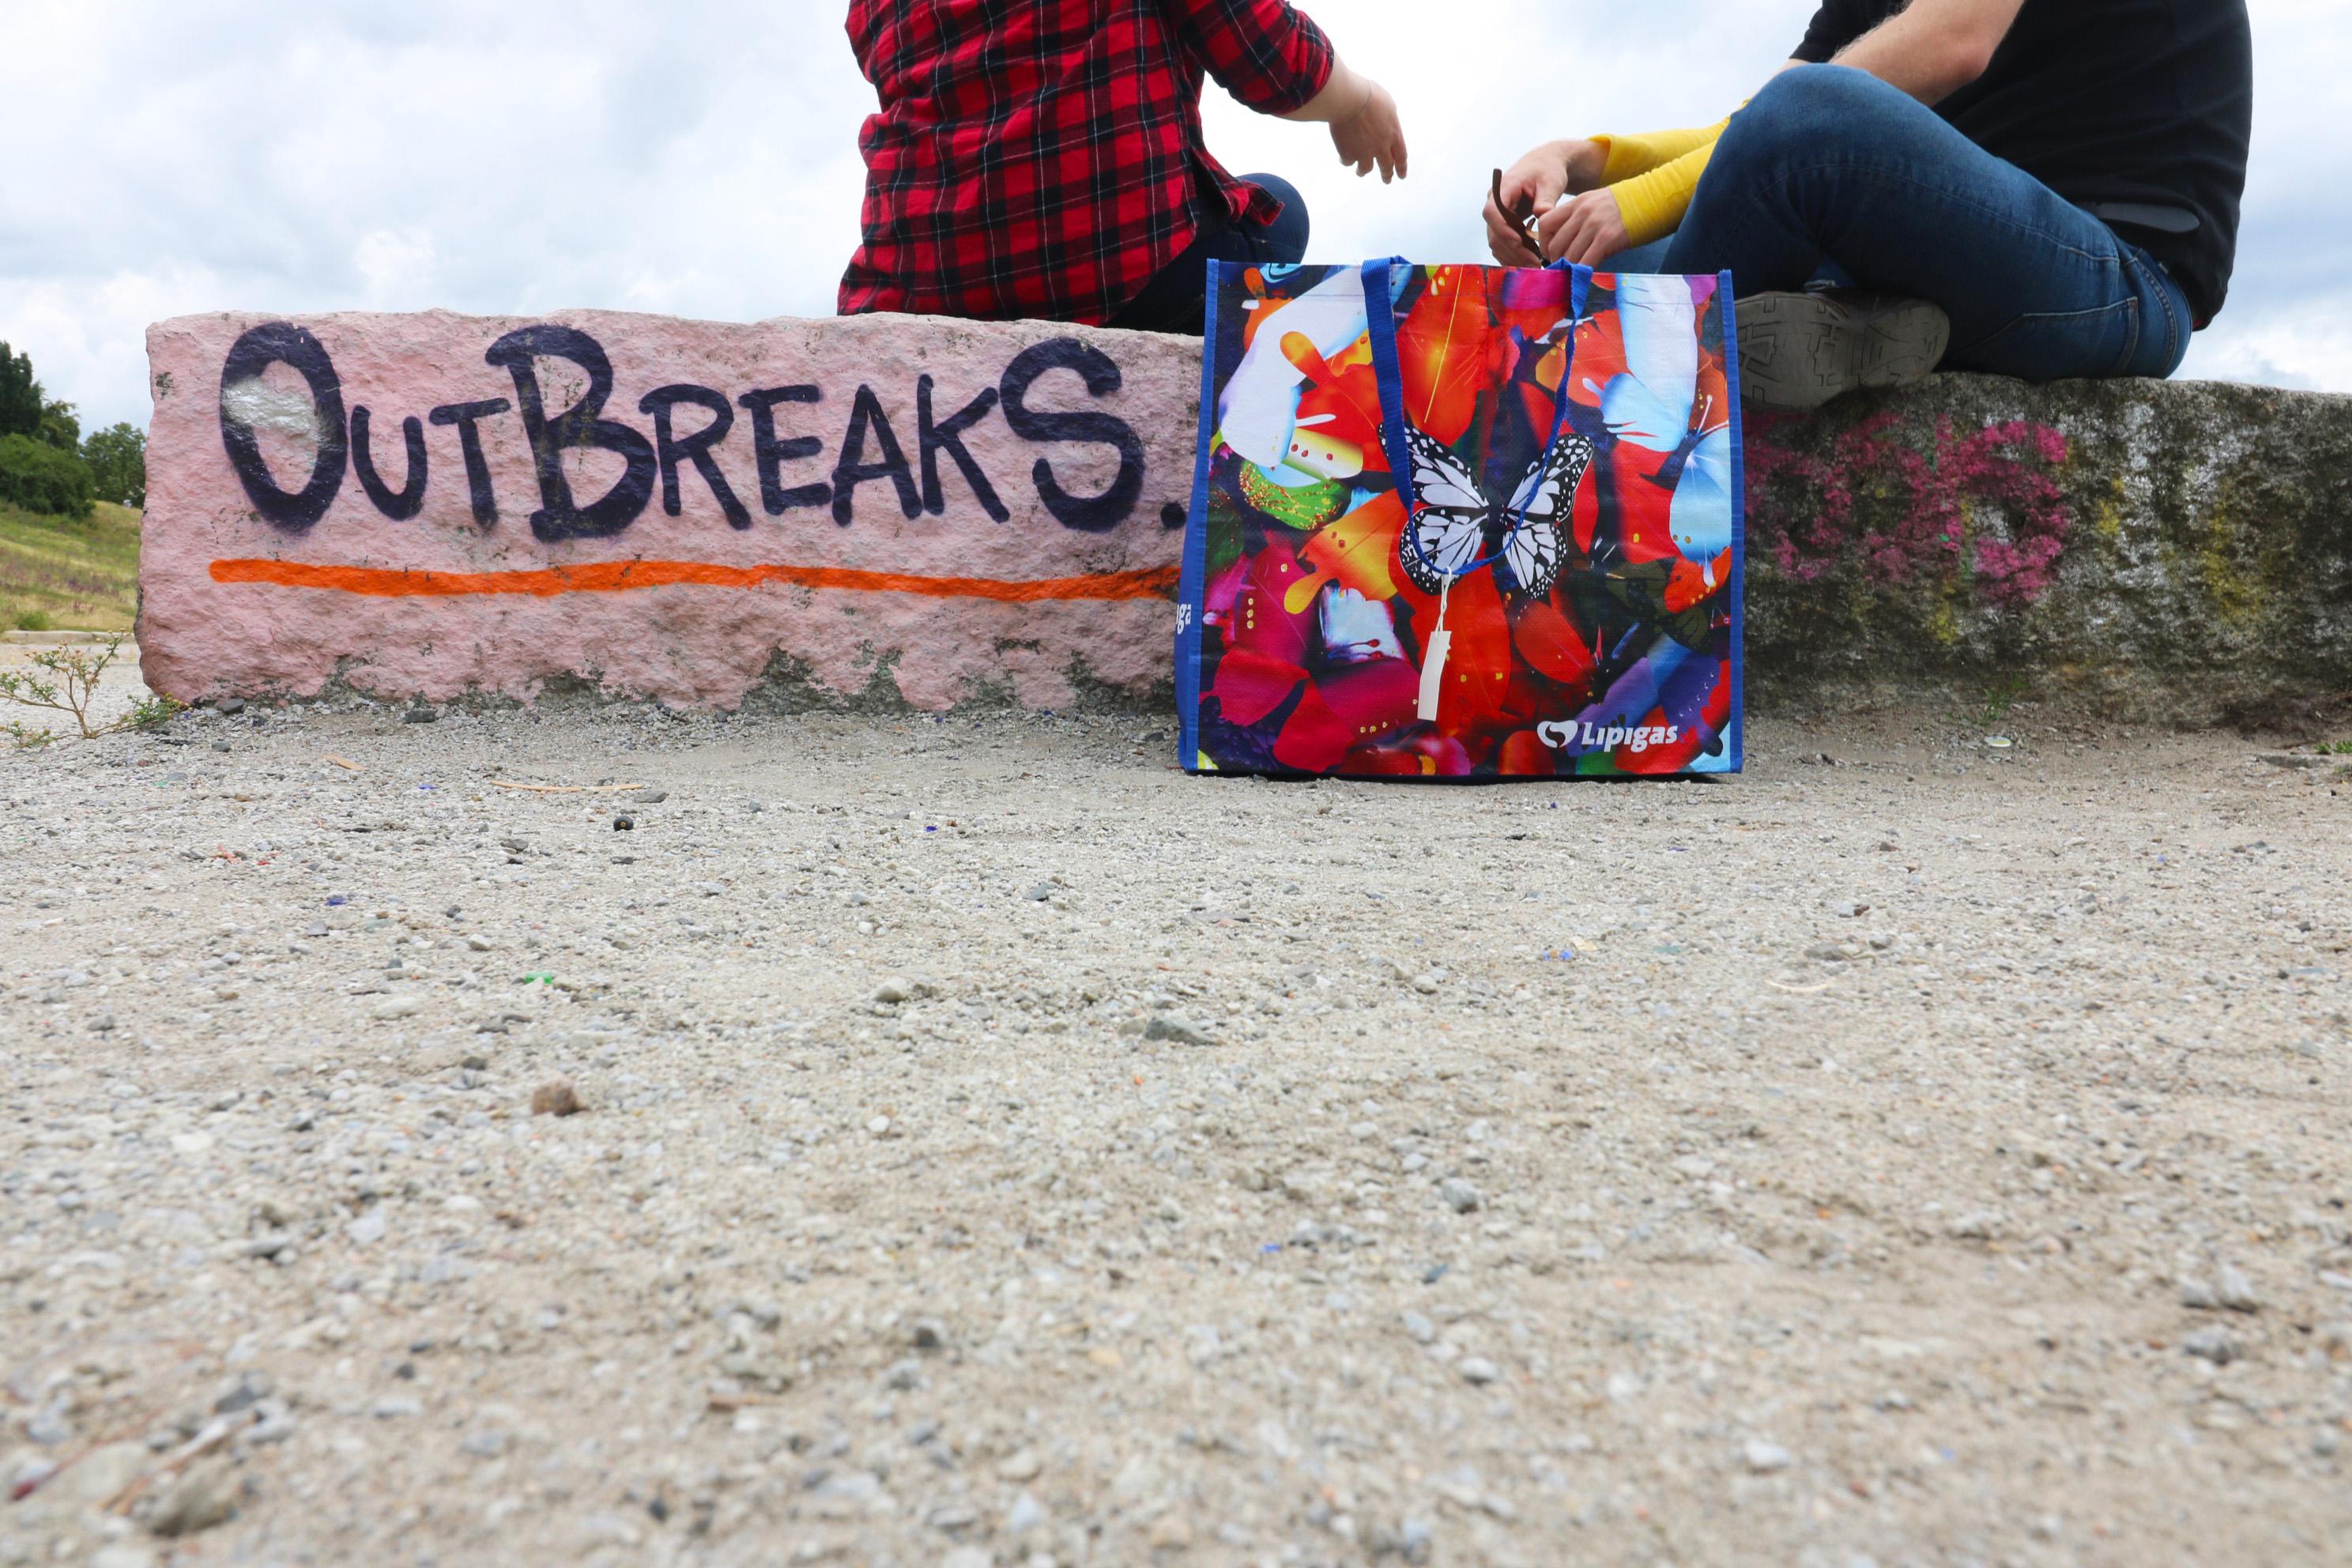 PP Woven Tragetasche im Mauerpark Out breaks Graffiti Prenzlauer Berg Berlin